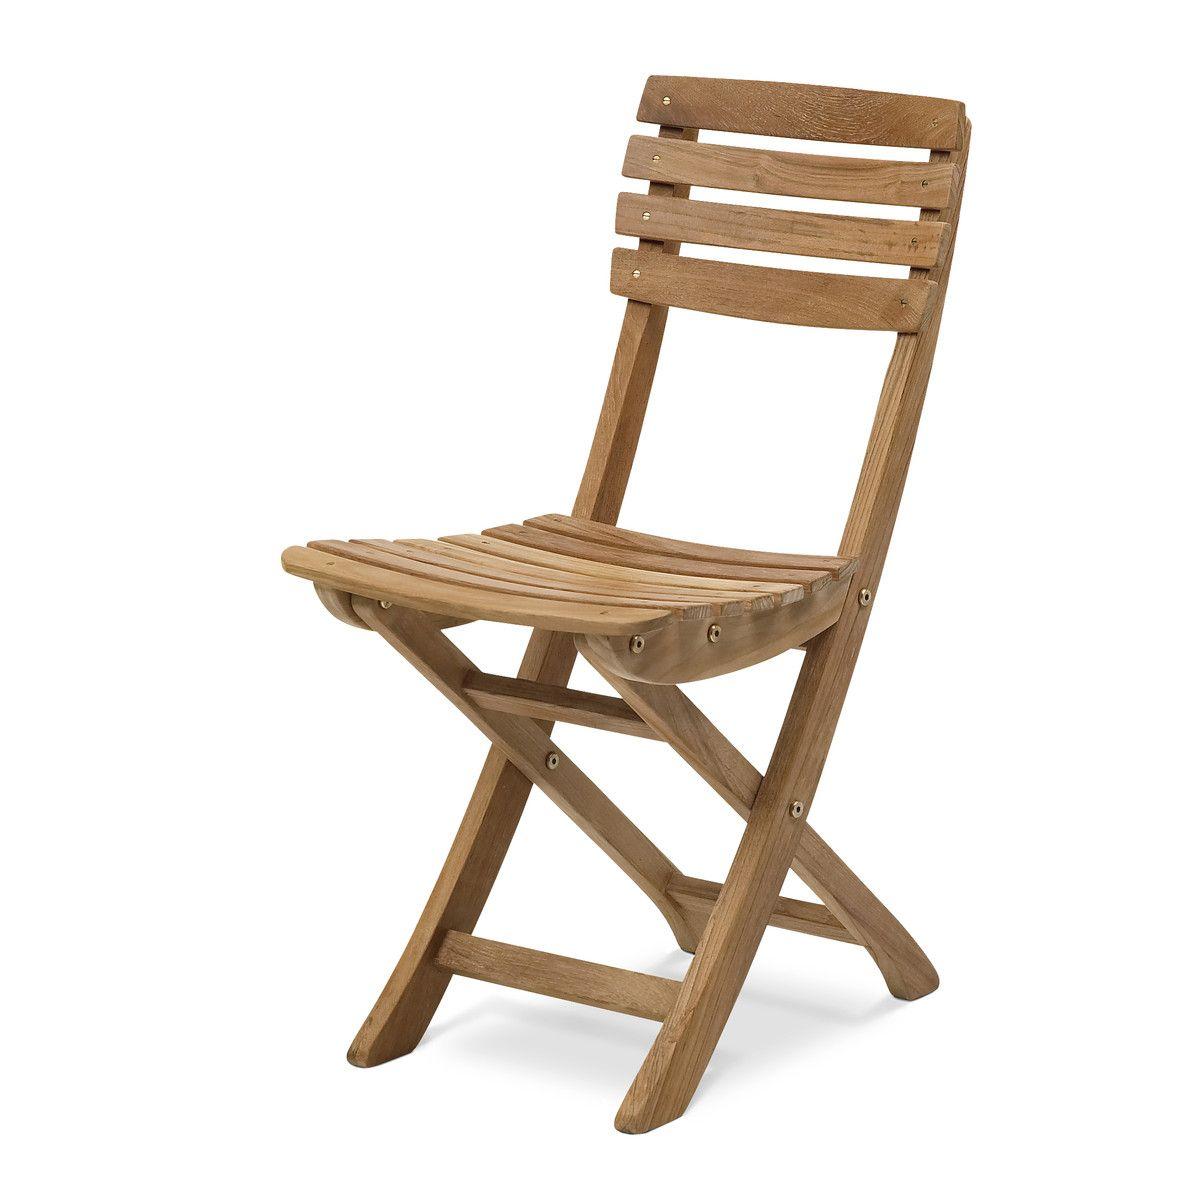 Skagerak - Vendia Stuhl - Einzelabbildung Skagerak - Vendia Stuhl Noch keine Bewertungen  Ausgewählte Variante:  Skagerak - Vendia Stuhl (Art.nr. 115960) 169,00 € inkl. MwSt., zzgl. Versand Auf Lager Lieferzeit (innerhalb Deutschlands): 1 Werktag